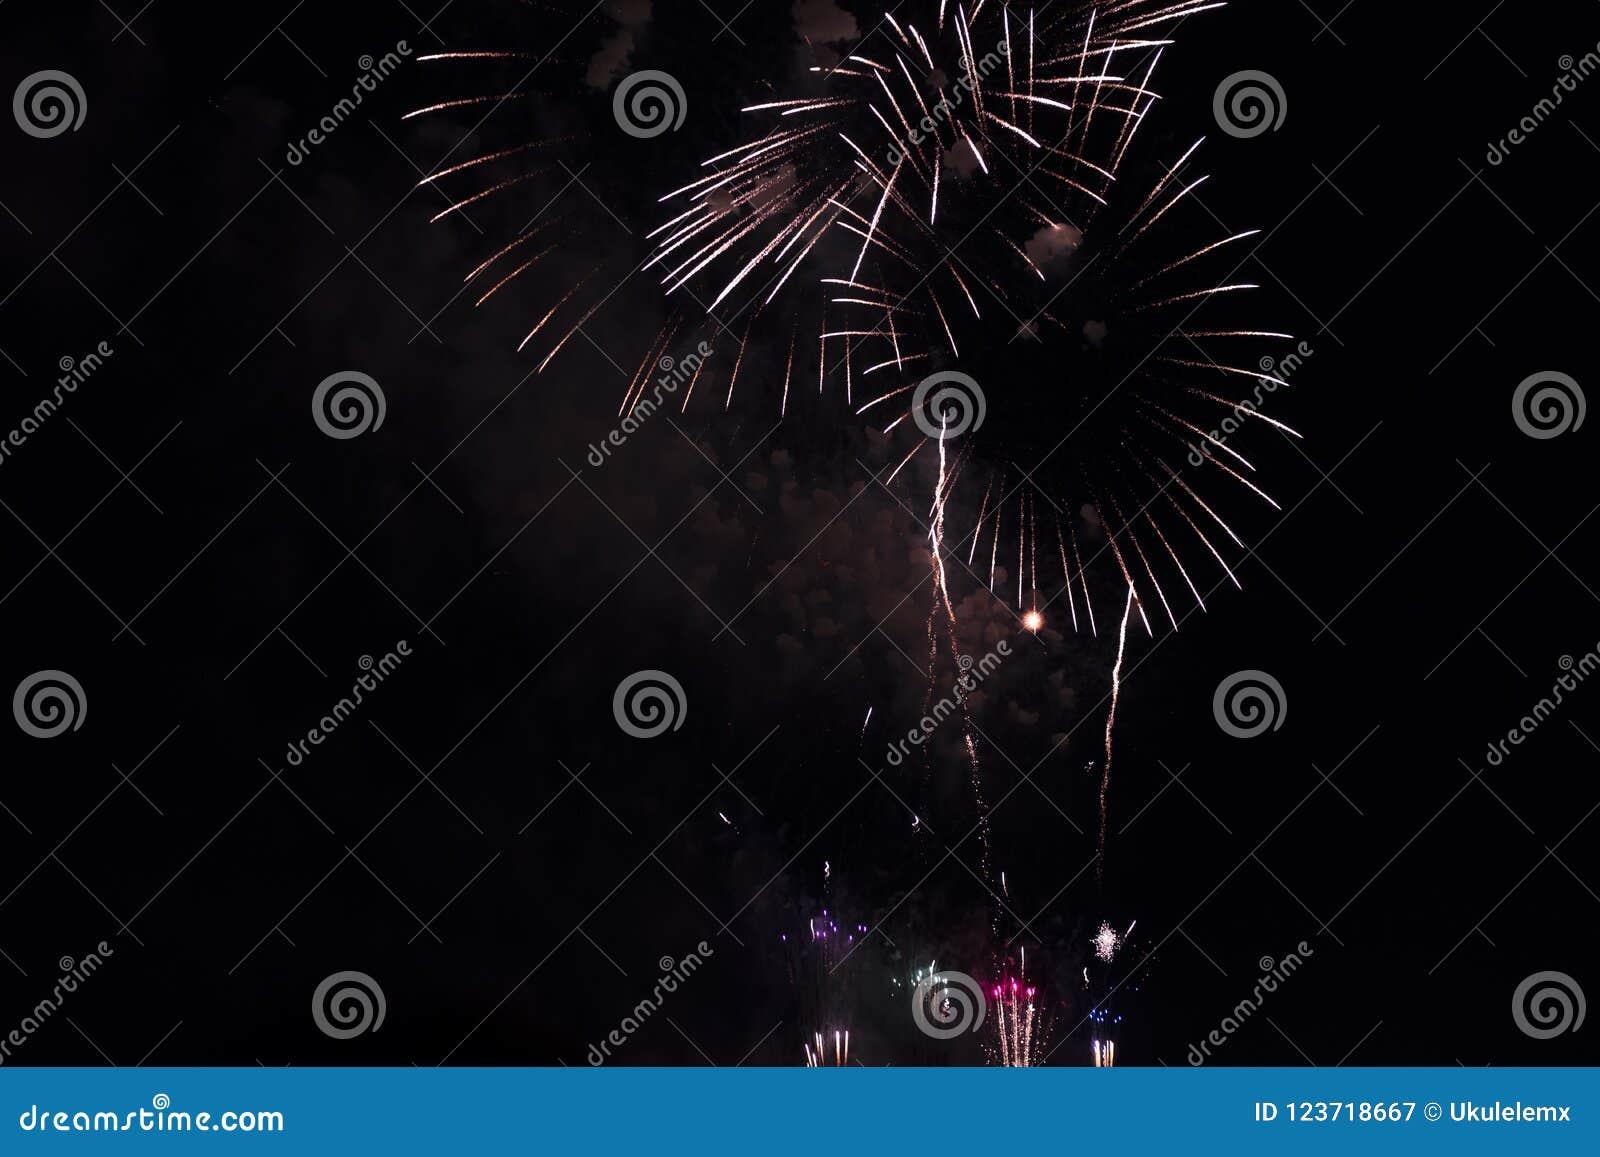 Veelvoudig Vuurwerk in nachthemel in een samenstelling in schaduwenwit